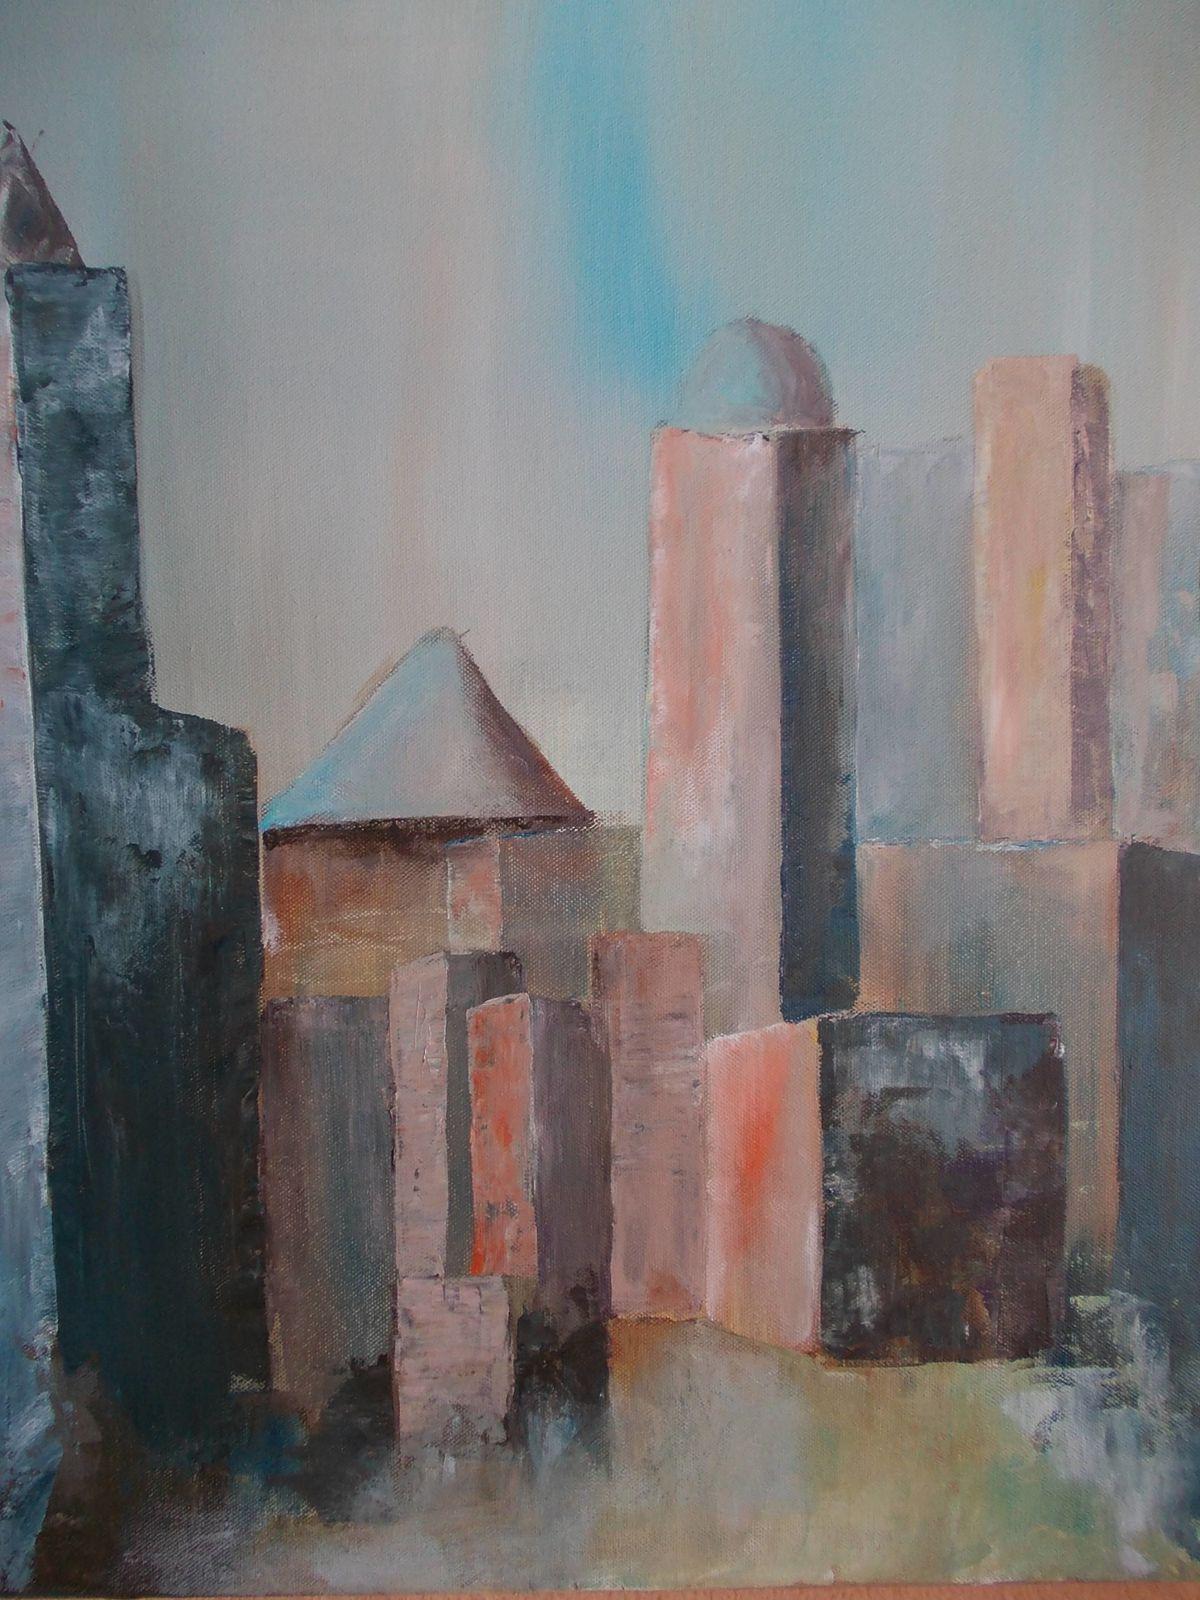 Paysage urbain, acrylique et glossy sur toile, Georges Milon